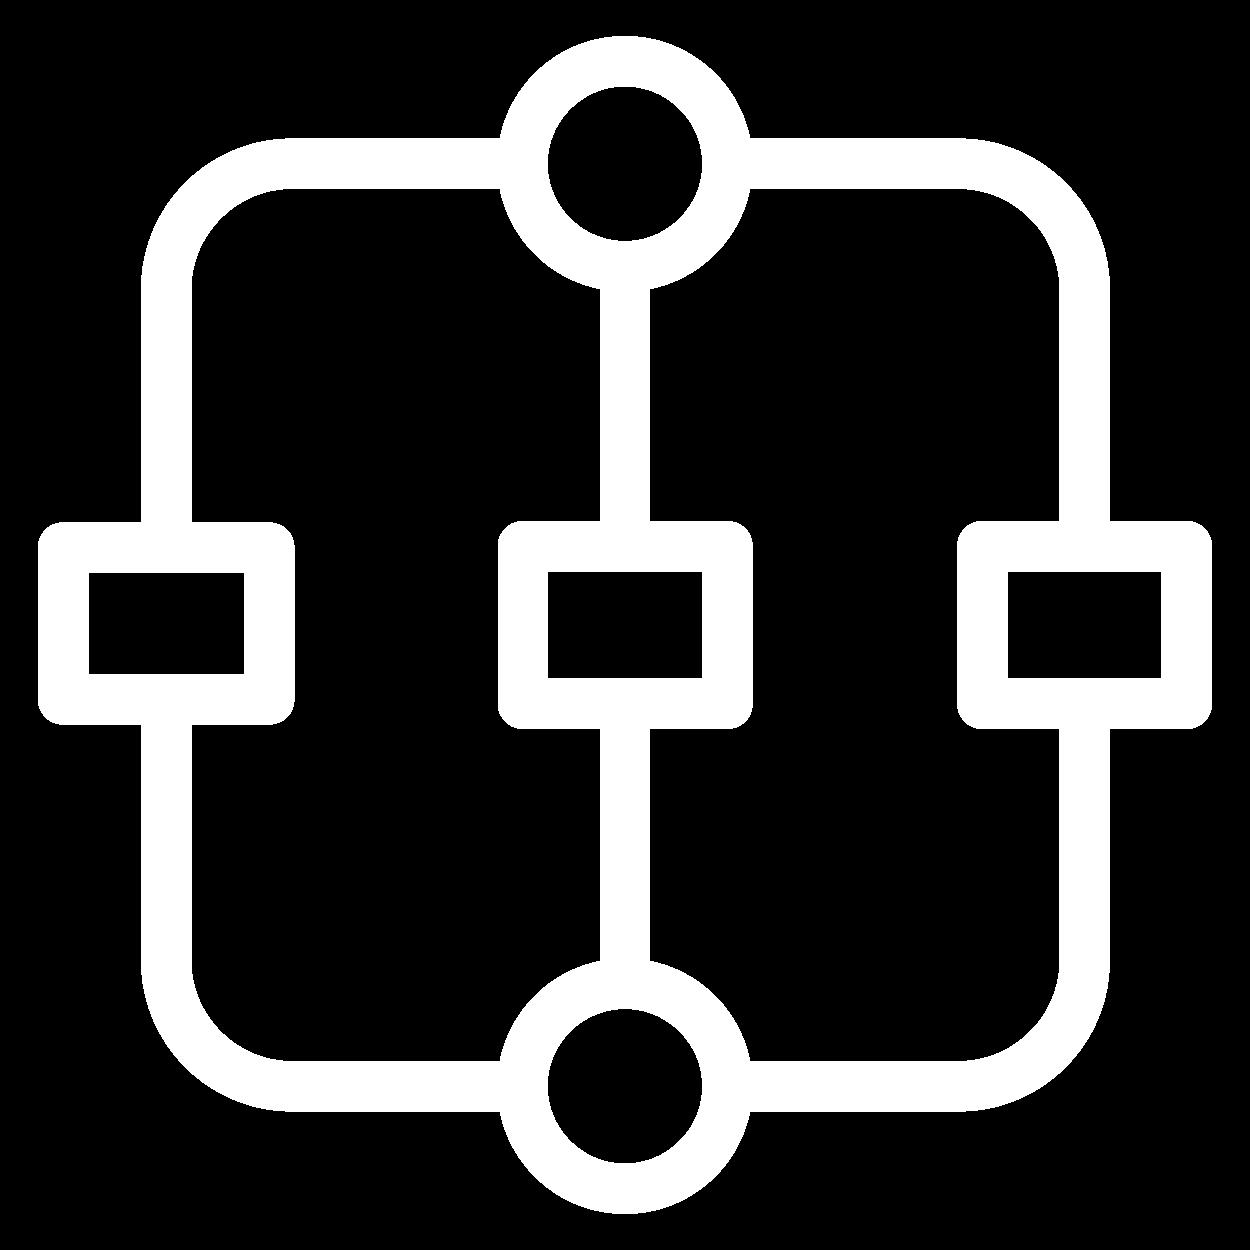 icone fluxo de trabalho